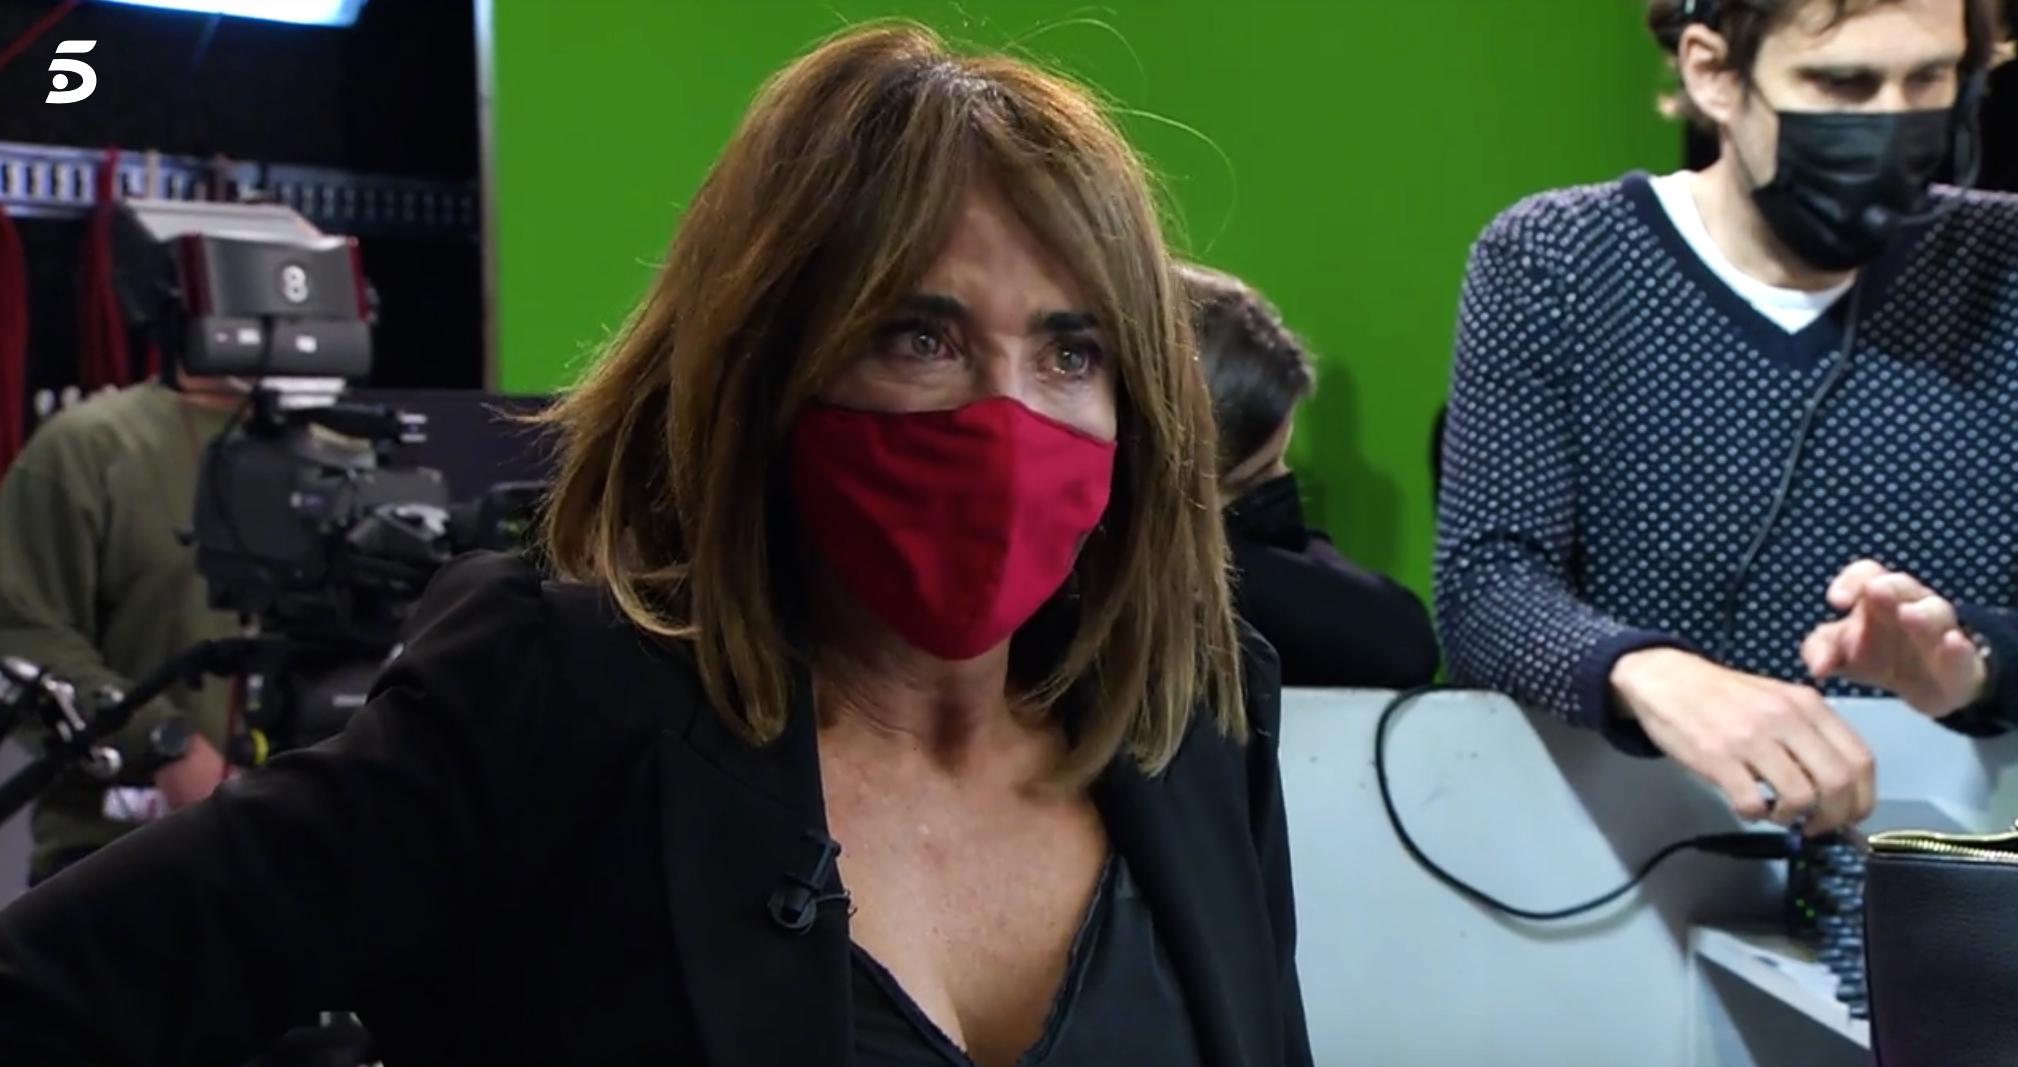 María Patiño pateix un atac de nervis - Telecinco